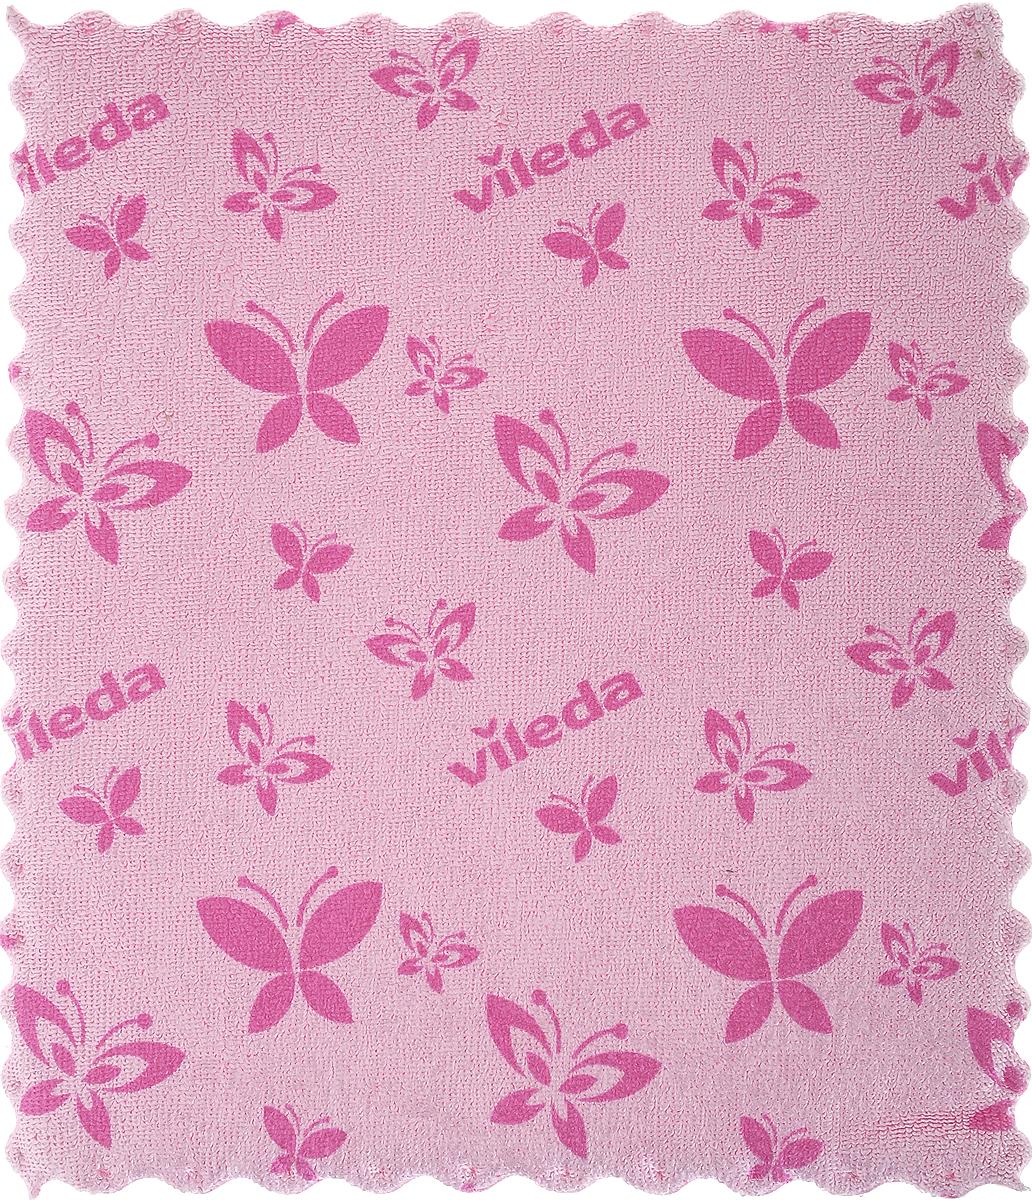 Салфетка универсальная Vileda, цвет: розовый, 17 х 20 смSV3761Универсальная салфетка Vileda предназначена для сухой и влажной уборки. В сухом виде - для удаления пыли, во влажном - для удаления загрязнений и полировки. Она устраняет жир, грязь без следа и разводов. Изделие используется без чистящих средств. Размер: 19 х 17 см.